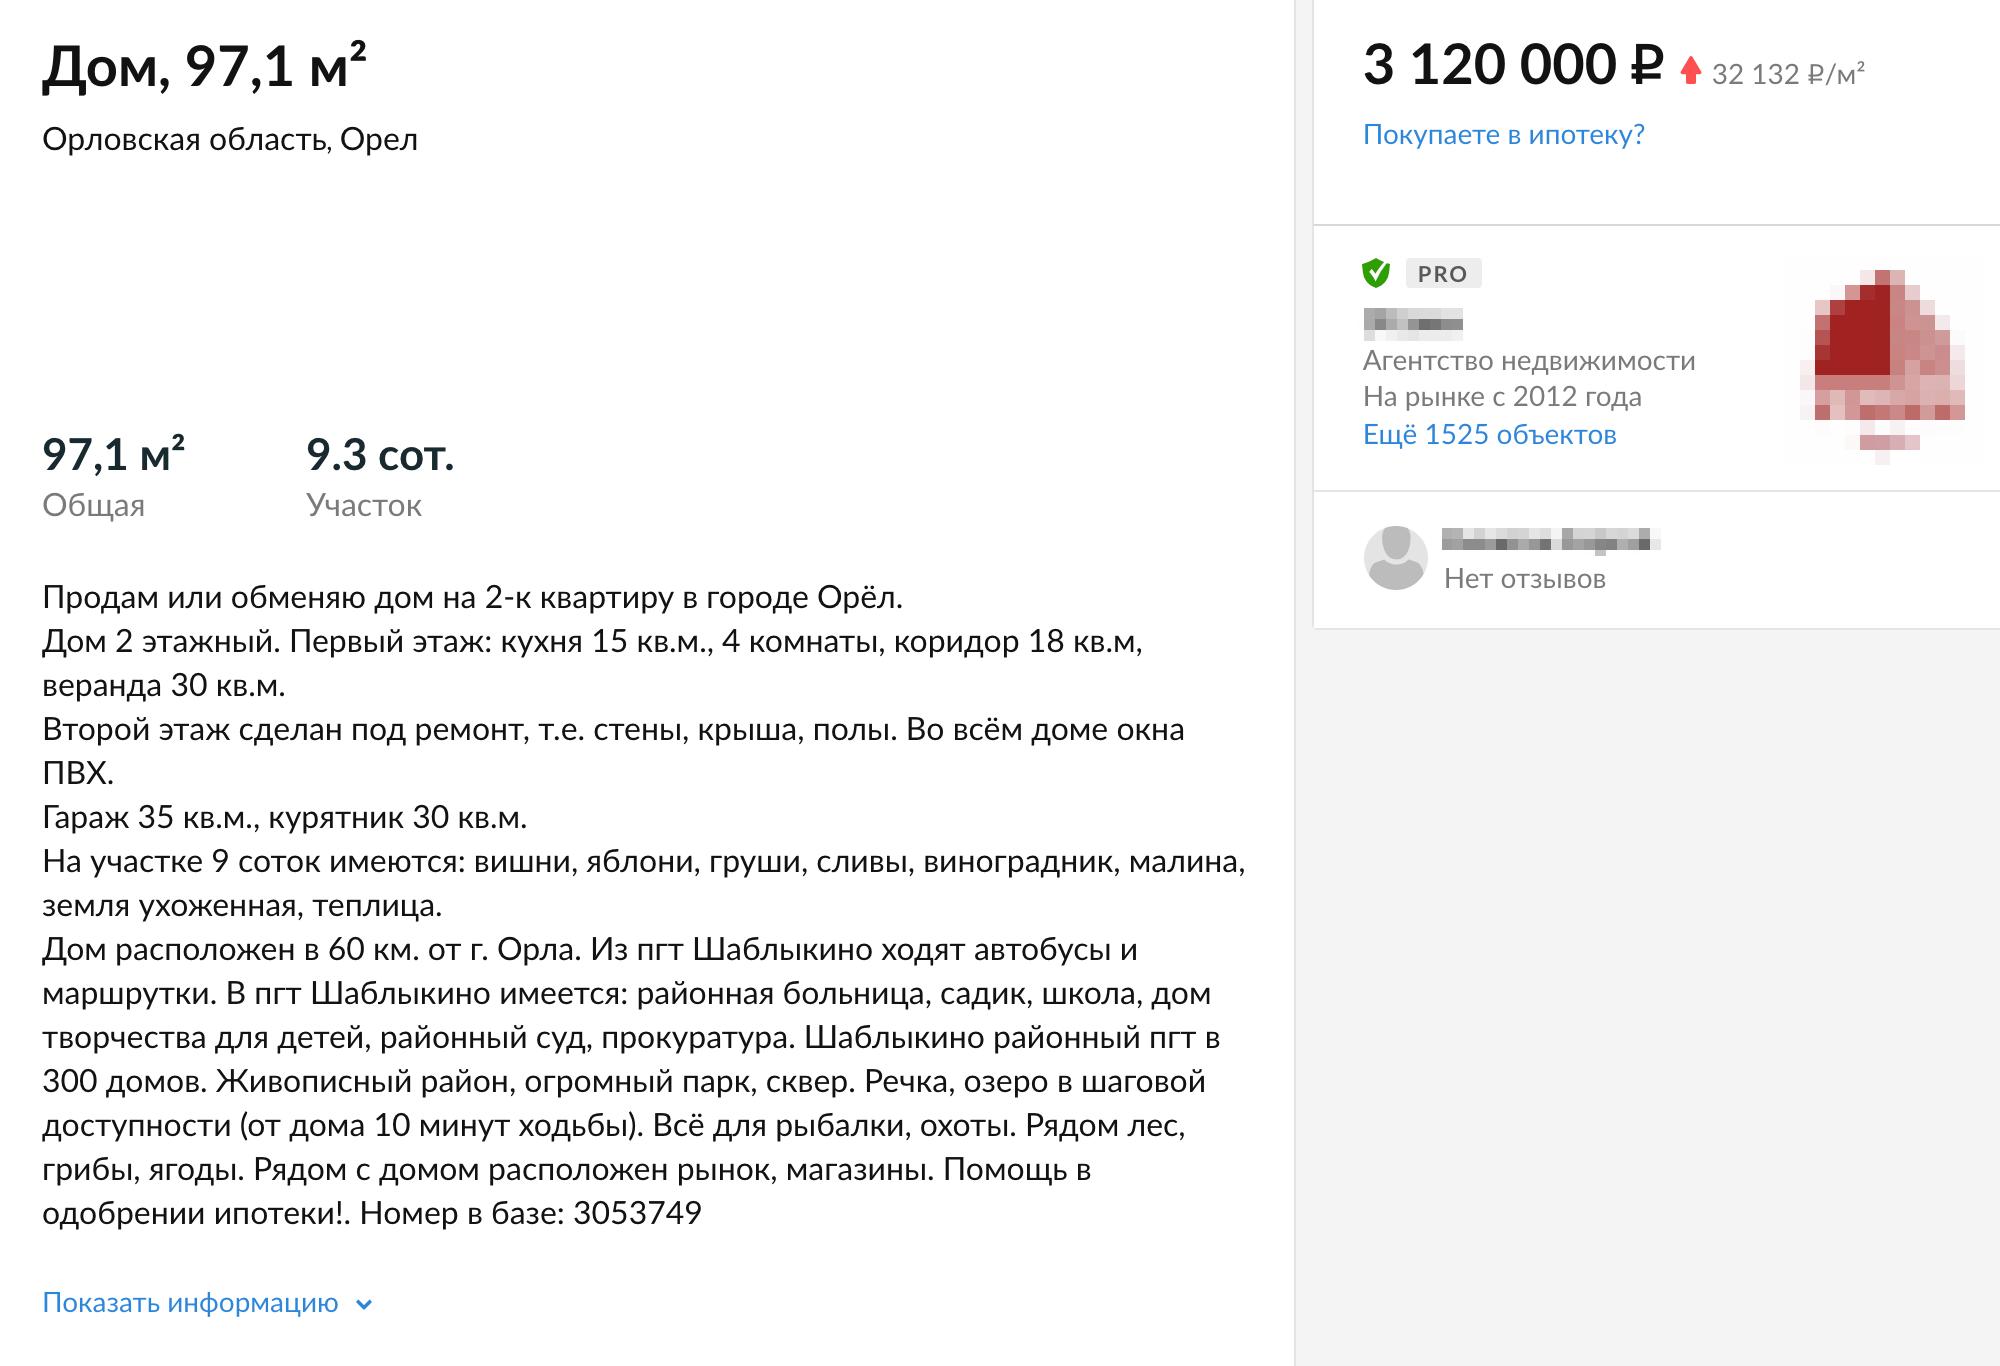 Двухэтажный дом попроще в городе с участком 9 соток можно купить за 3,1млн рублей